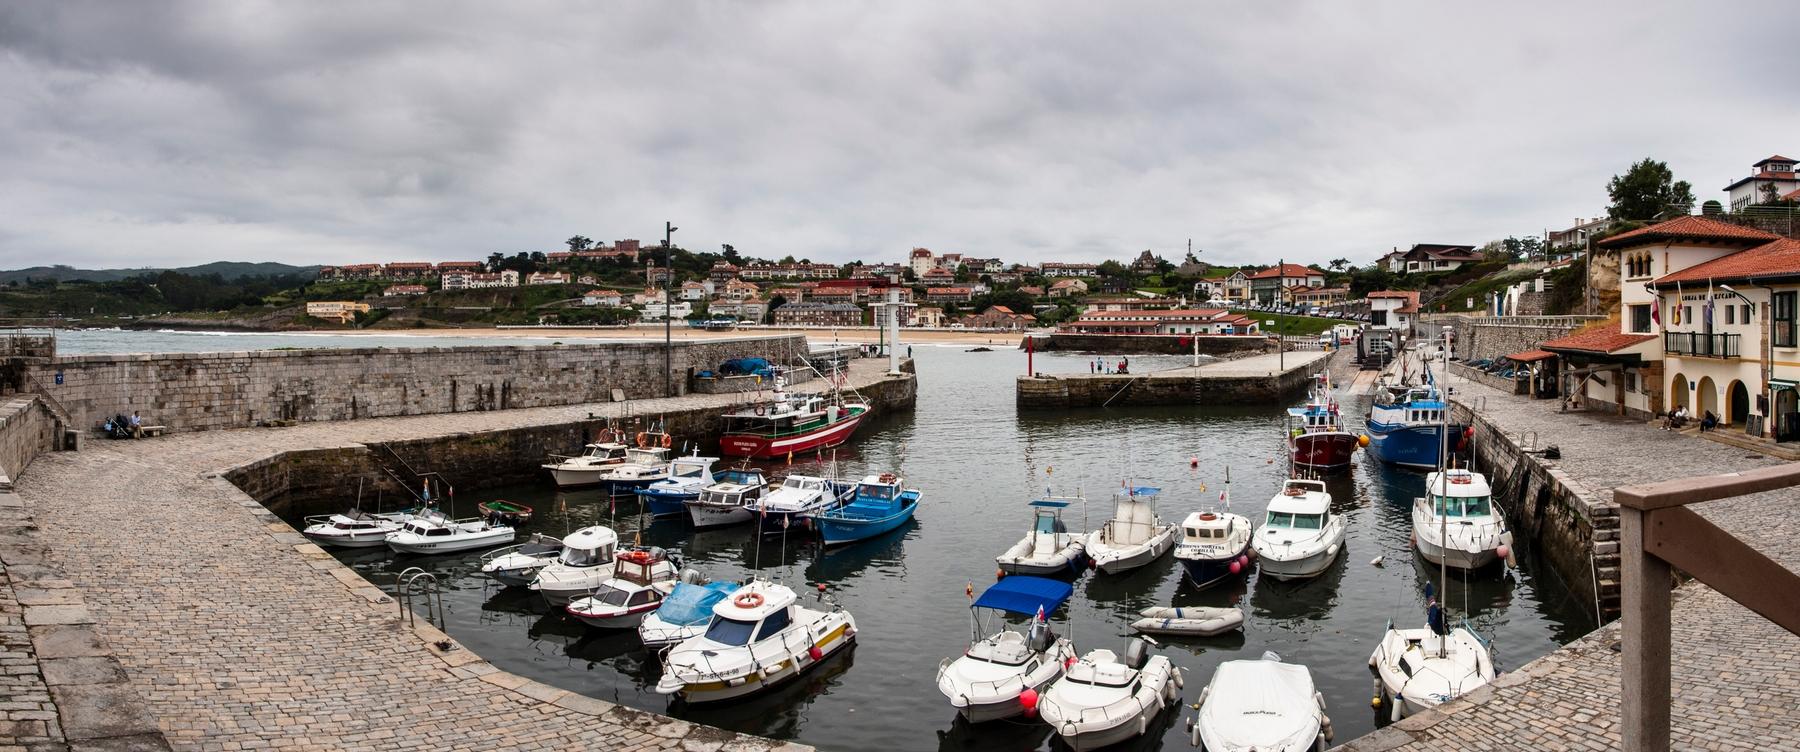 Los 20 pueblos costeros más bonitos de España: Comillas